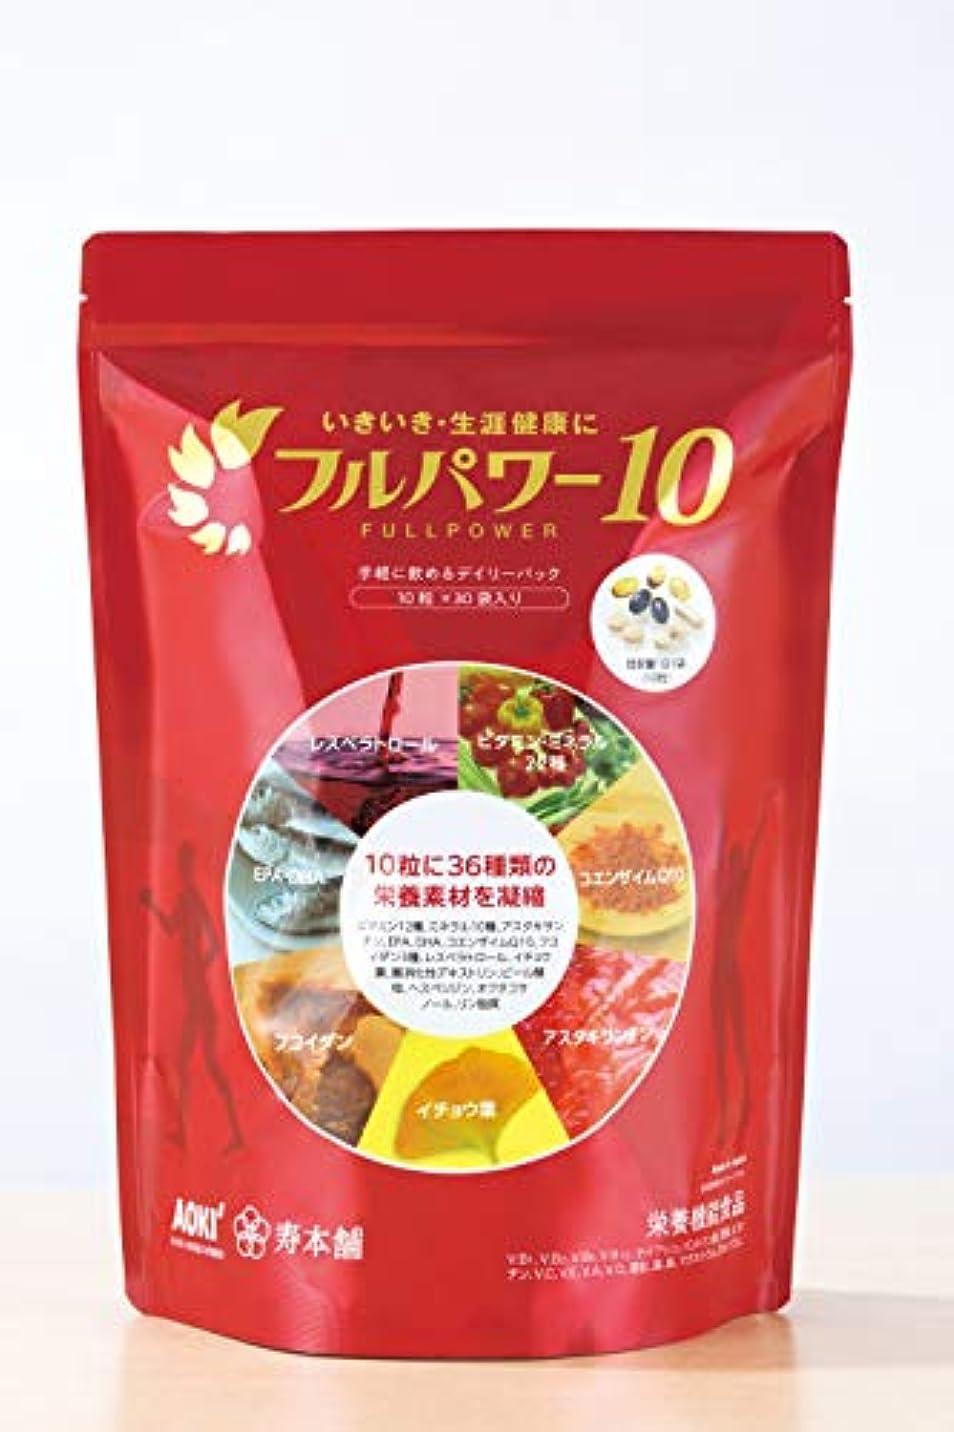 レーザ慈悲深い給料フルパワー10[30袋入](1袋10粒入)不足しやすい栄養を補給するサプリメント